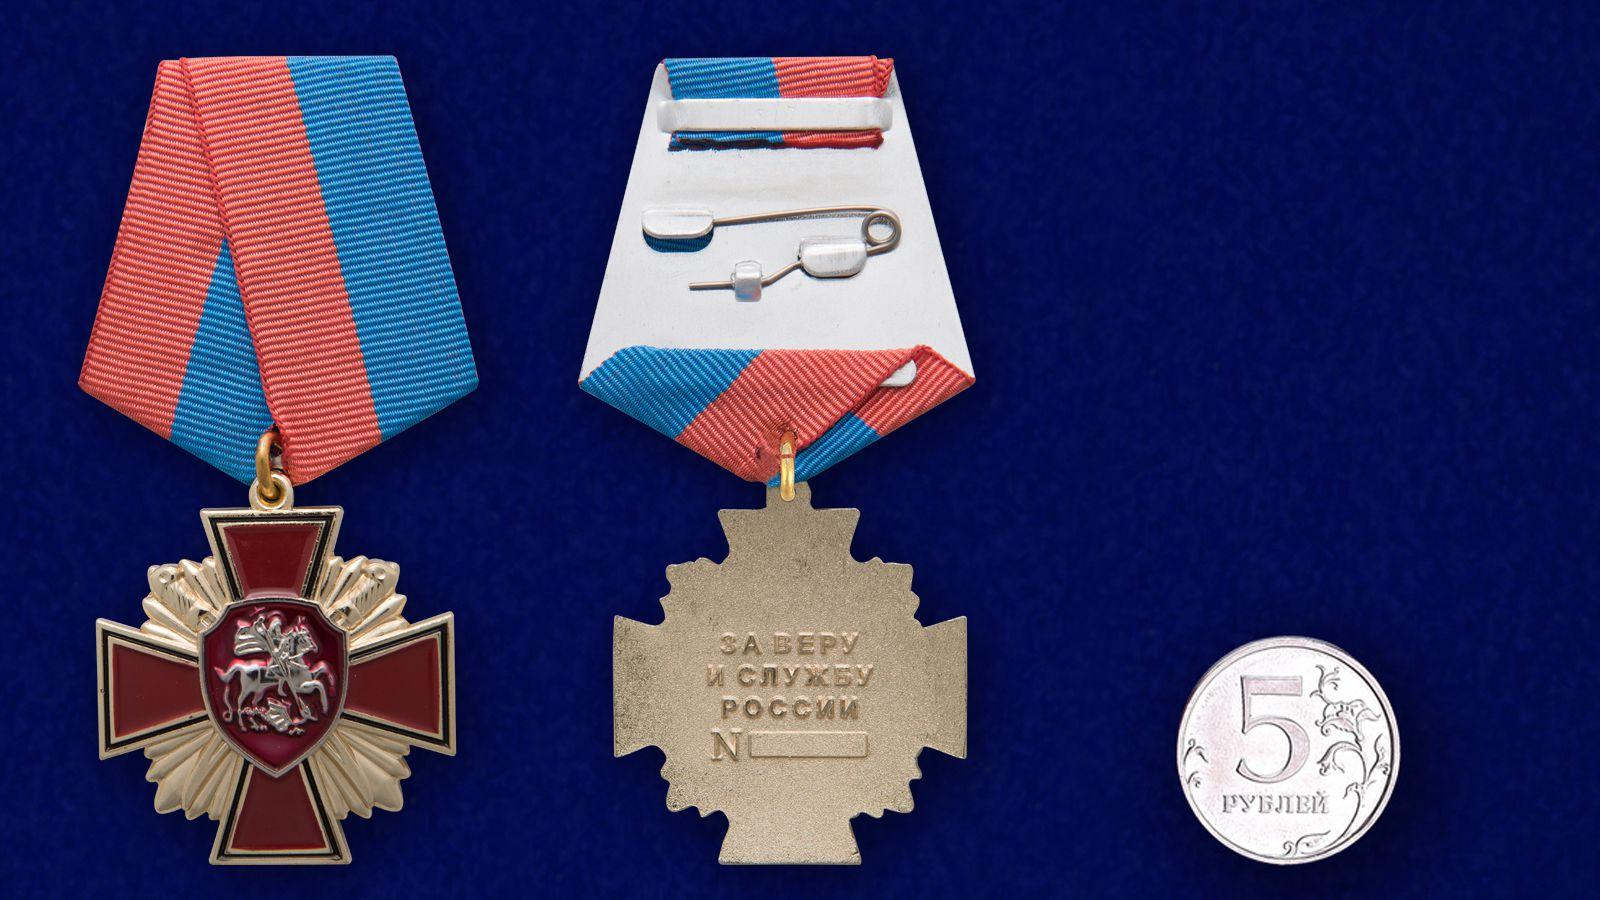 """Цена медали """"За веру и службу России"""" приемлемая"""